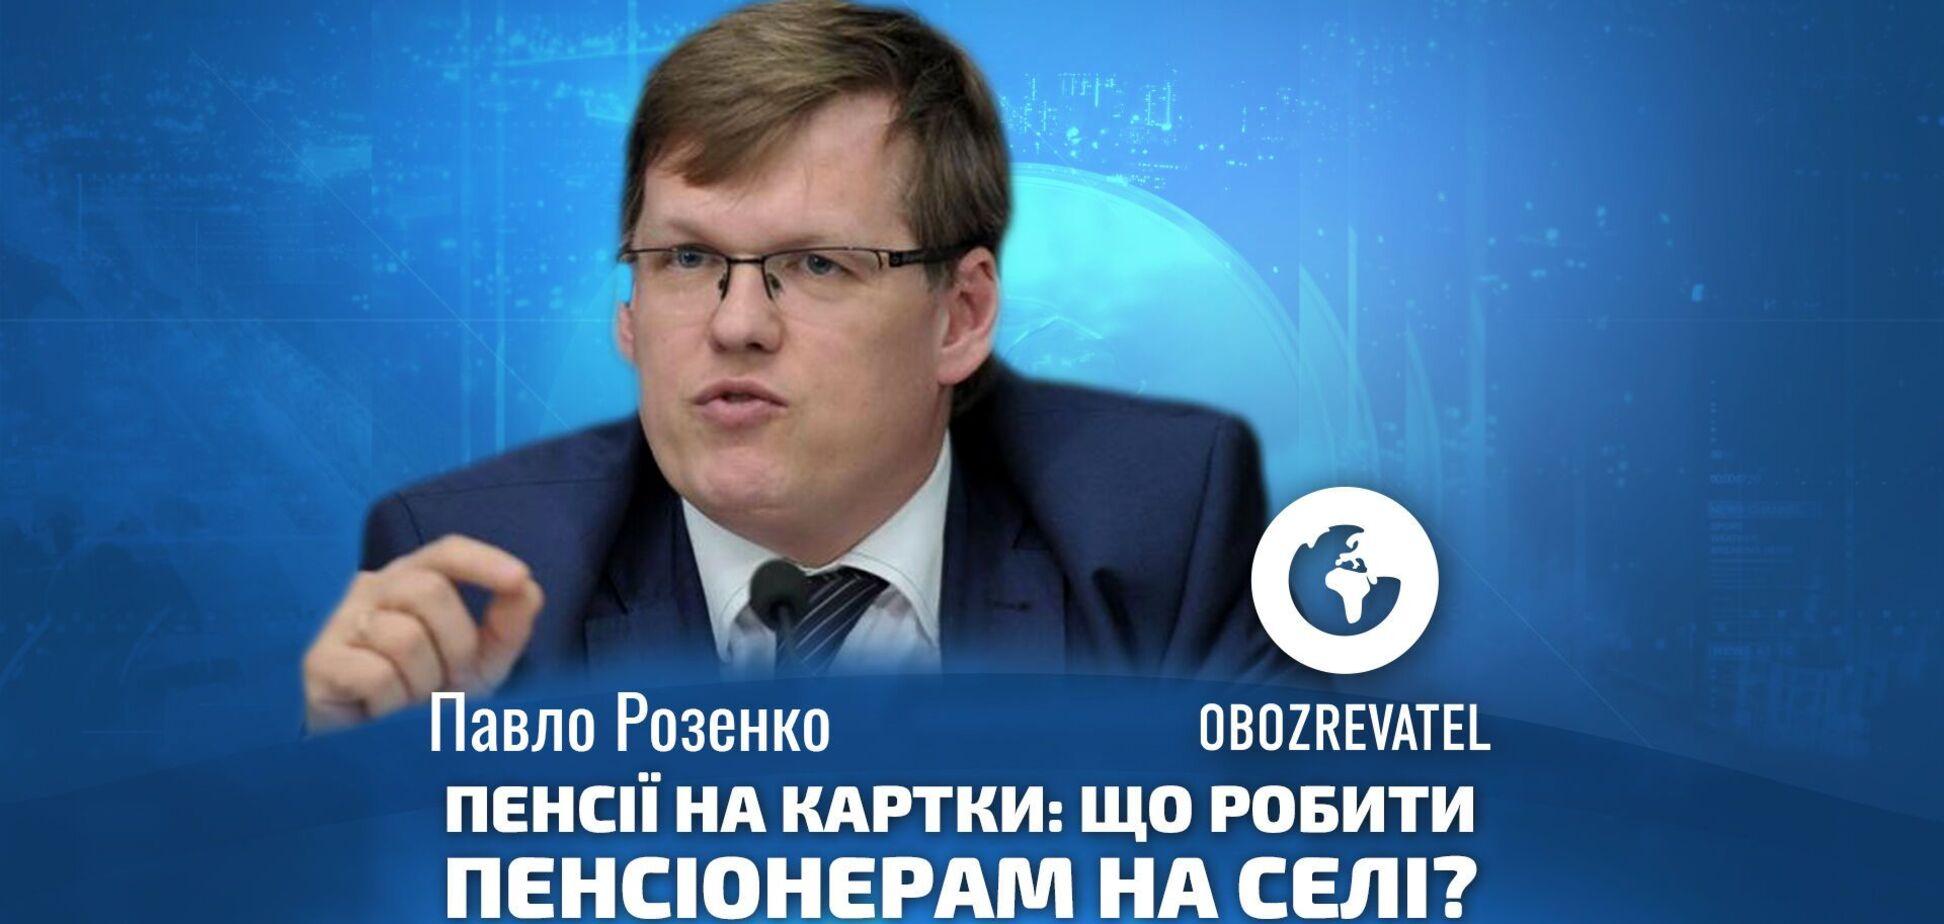 Розенко сказал о пенсии будущих поколений